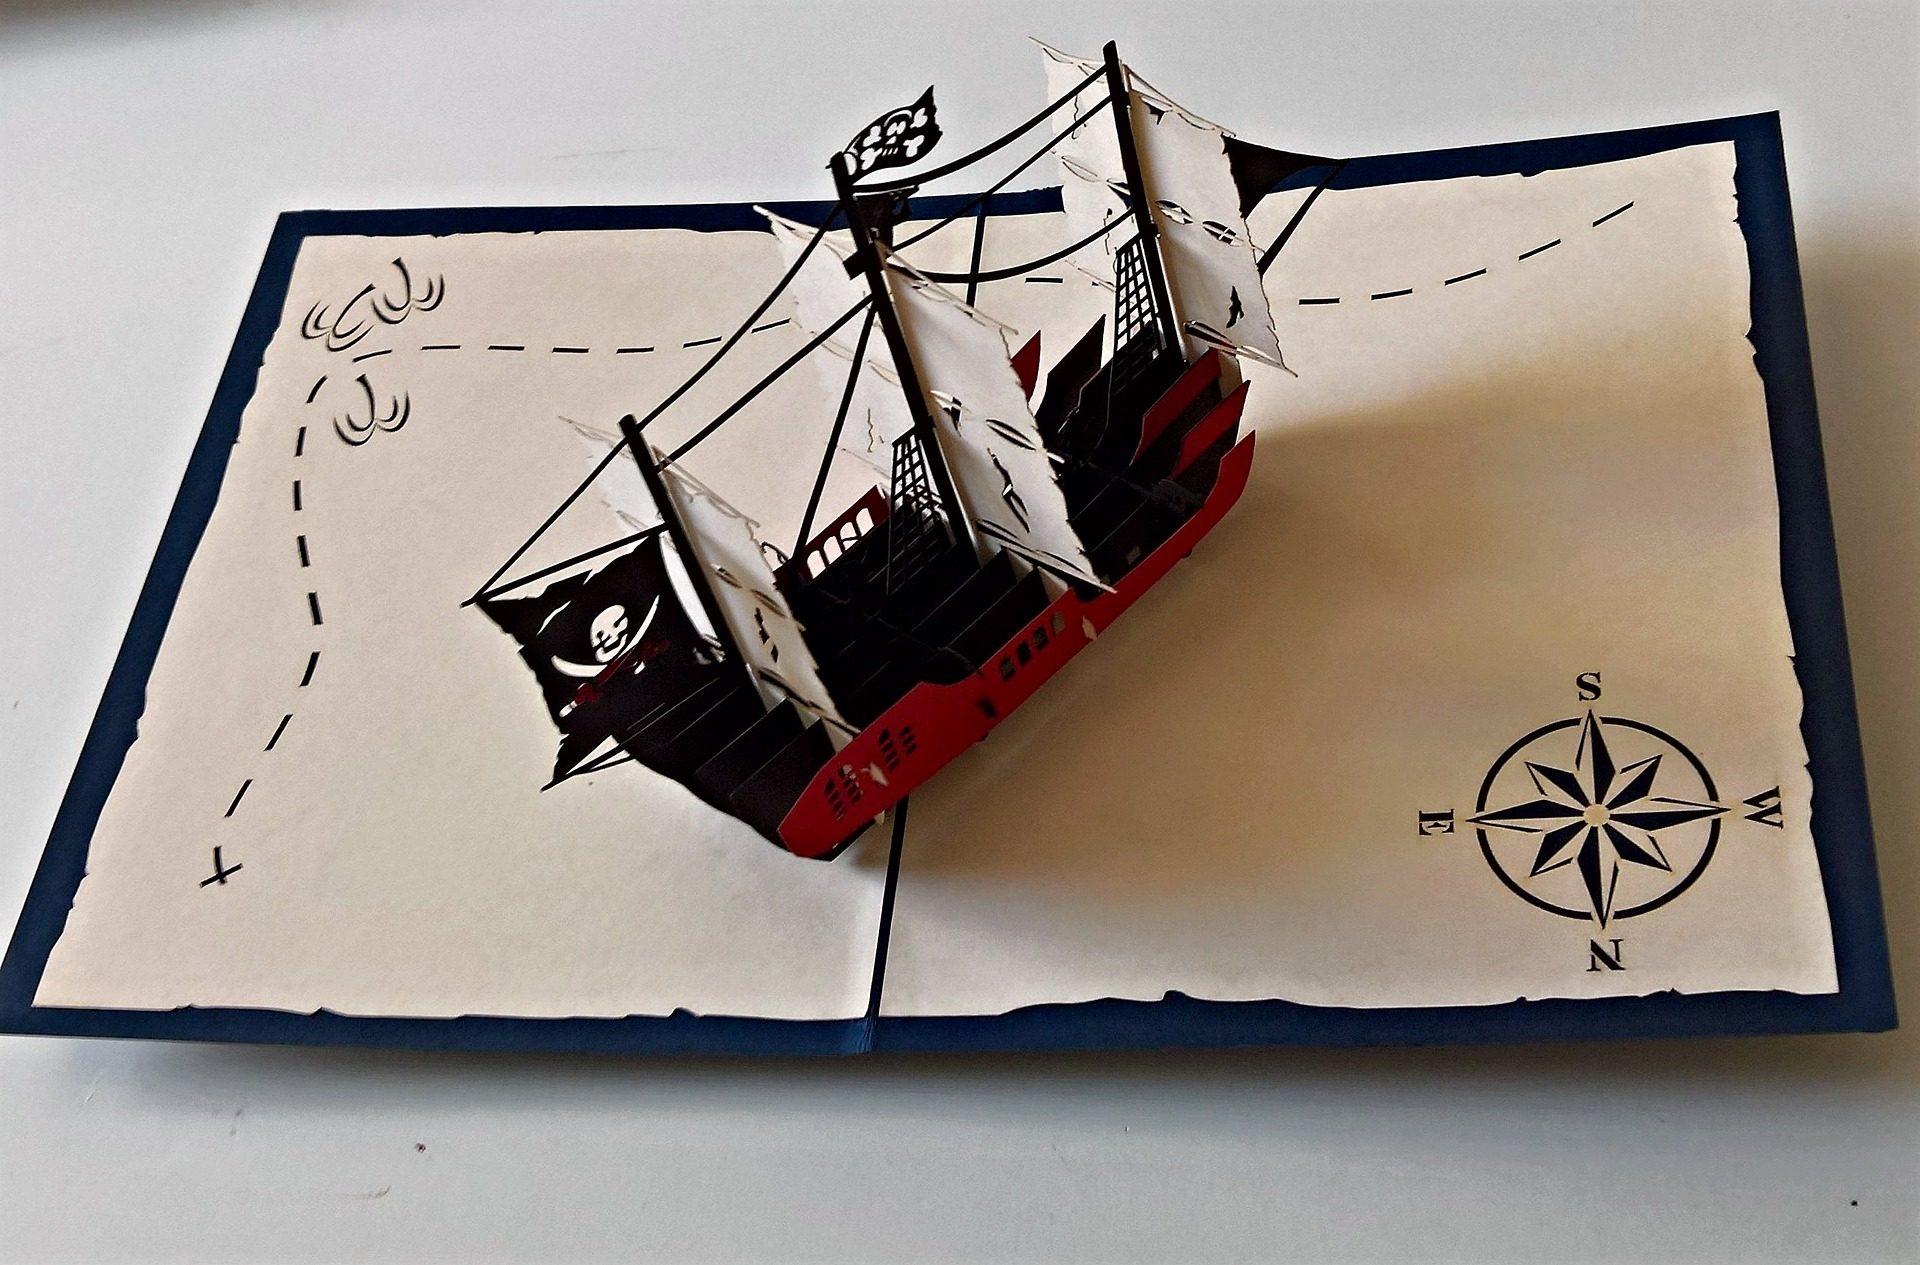 Χάρτης, βάρκα, Πειρατής, κάρτα, Χαιρετισμός, 3δ - Wallpapers HD - Professor-falken.com